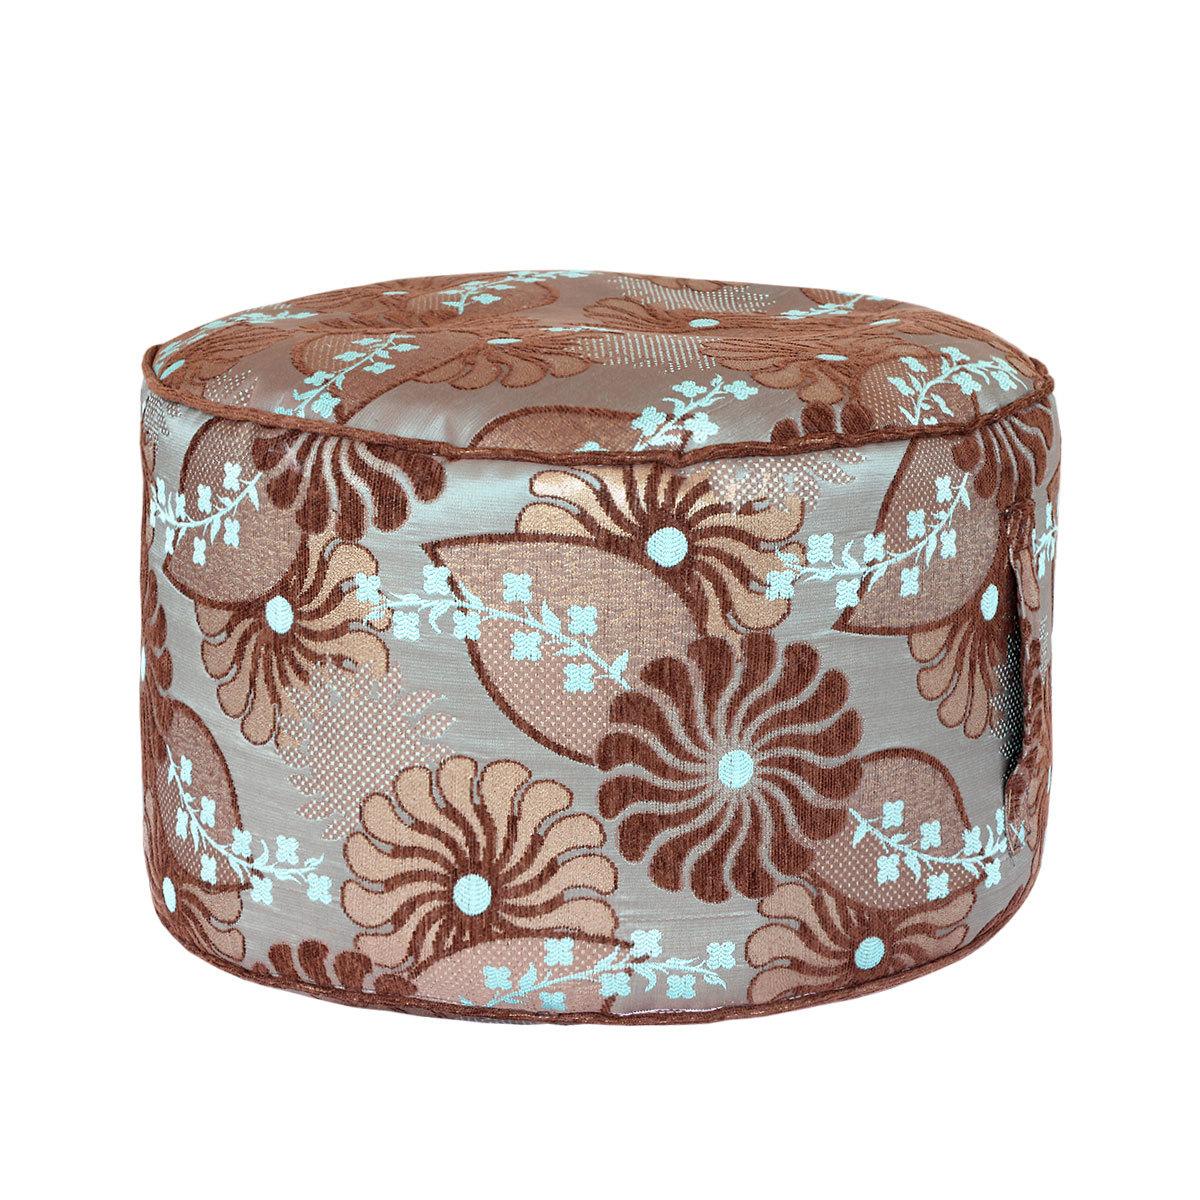 Круглый пуф Blue FlowersФорменные пуфы<br>Очень легкий и удобный пуфик разбавит любой интерьер и послужит как мягкое сидение или небольшой столик<br><br>Material: Текстиль<br>Height см: 30<br>Diameter см: 55